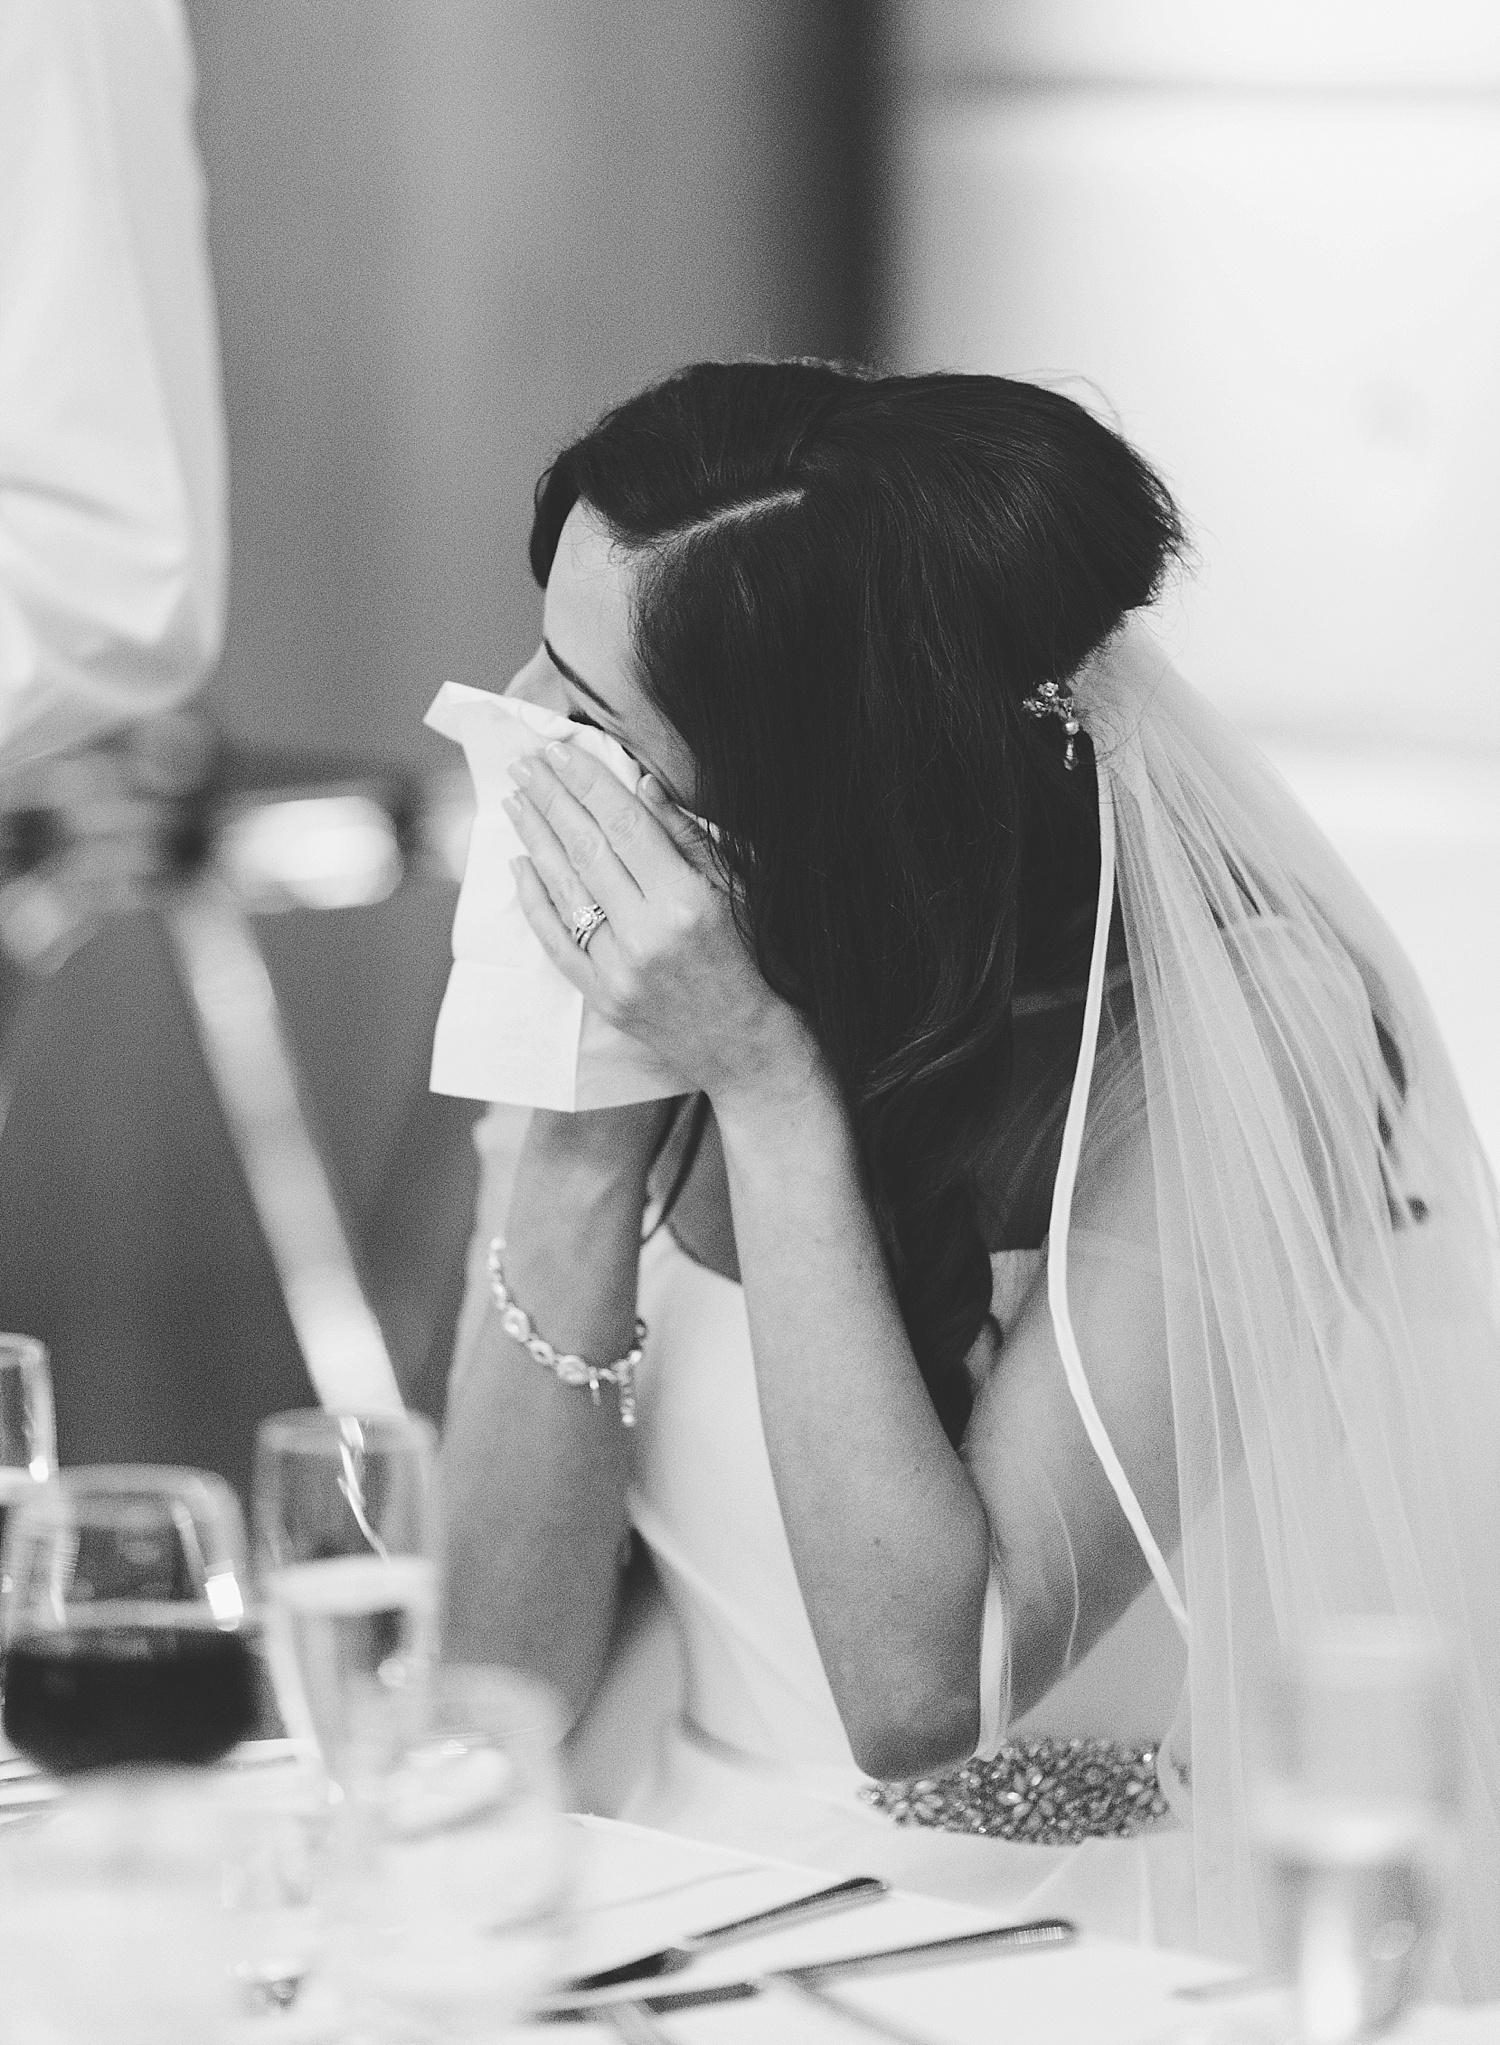 farnham_estate_wedding-best_of_2016_sharon_kee_photography_0105